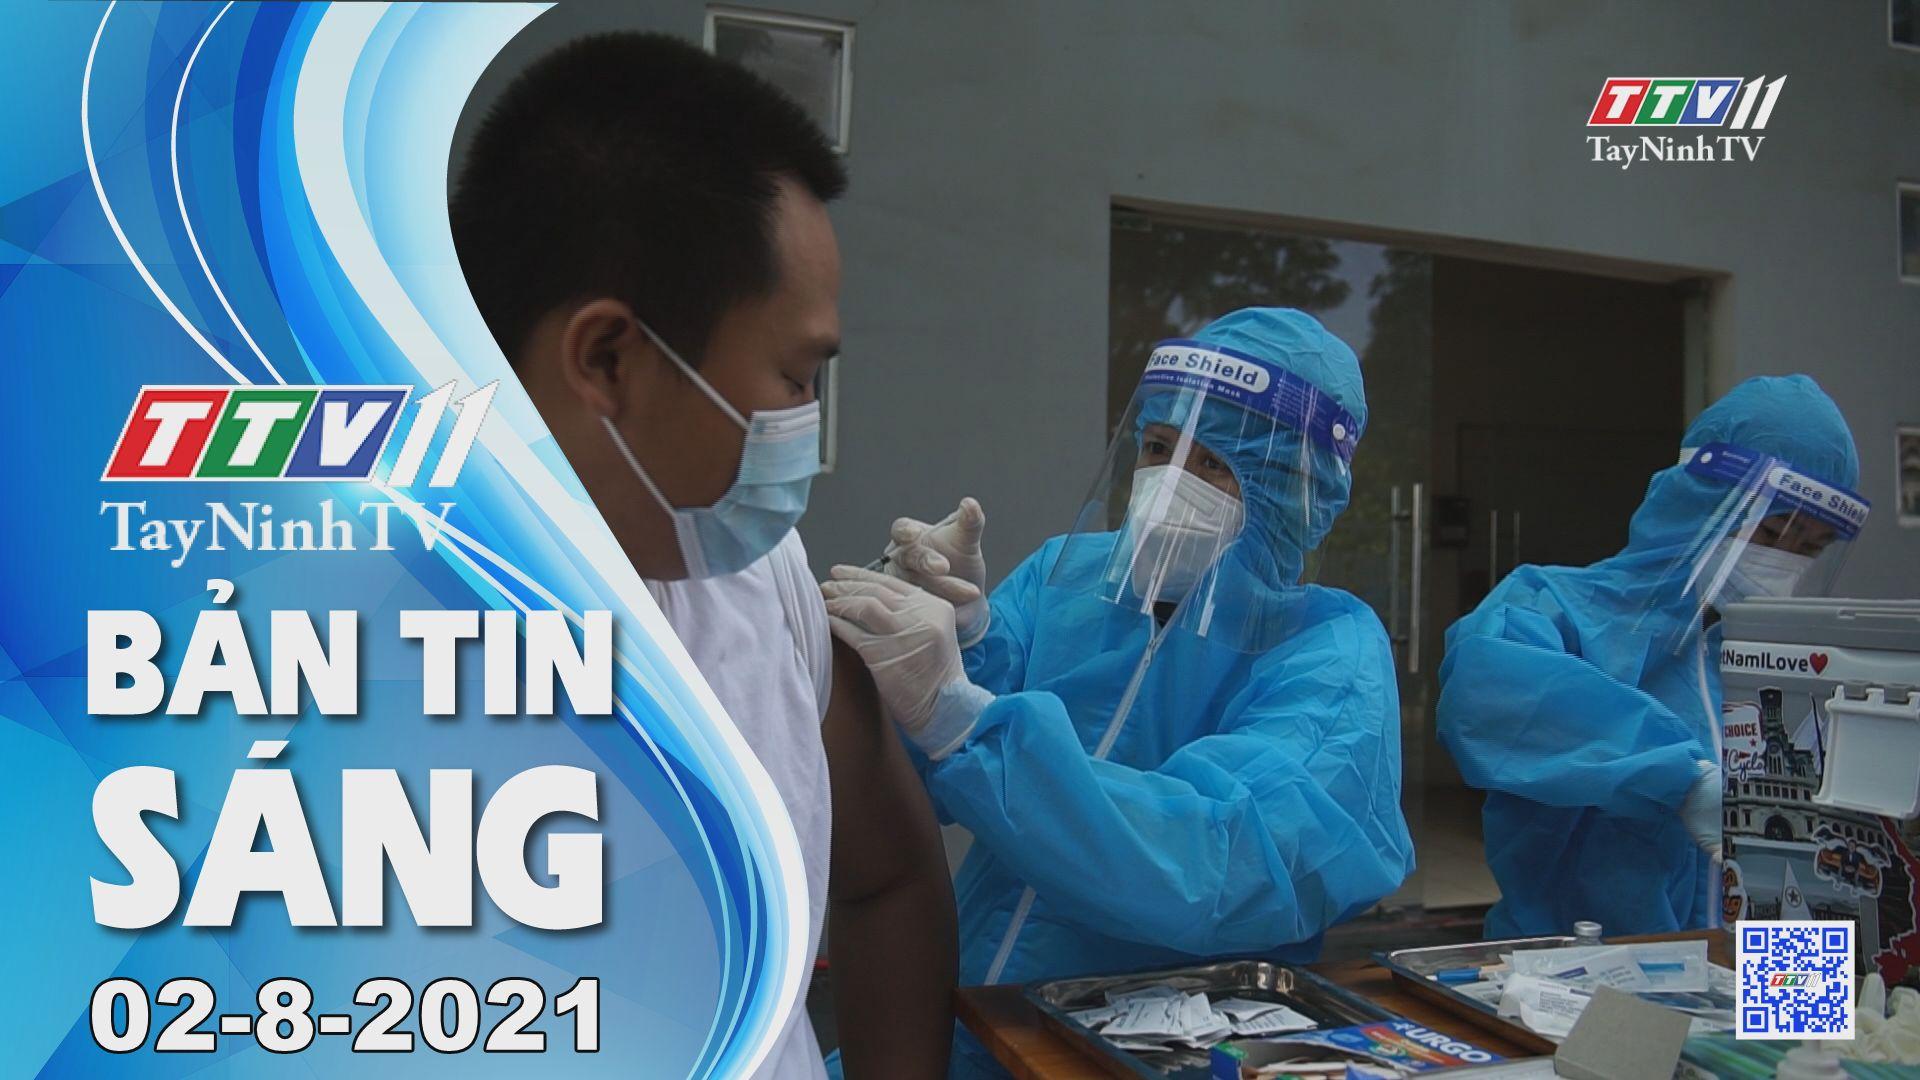 Bản tin sáng 02-8-2021 | Tin tức hôm nay | TayNinhTV